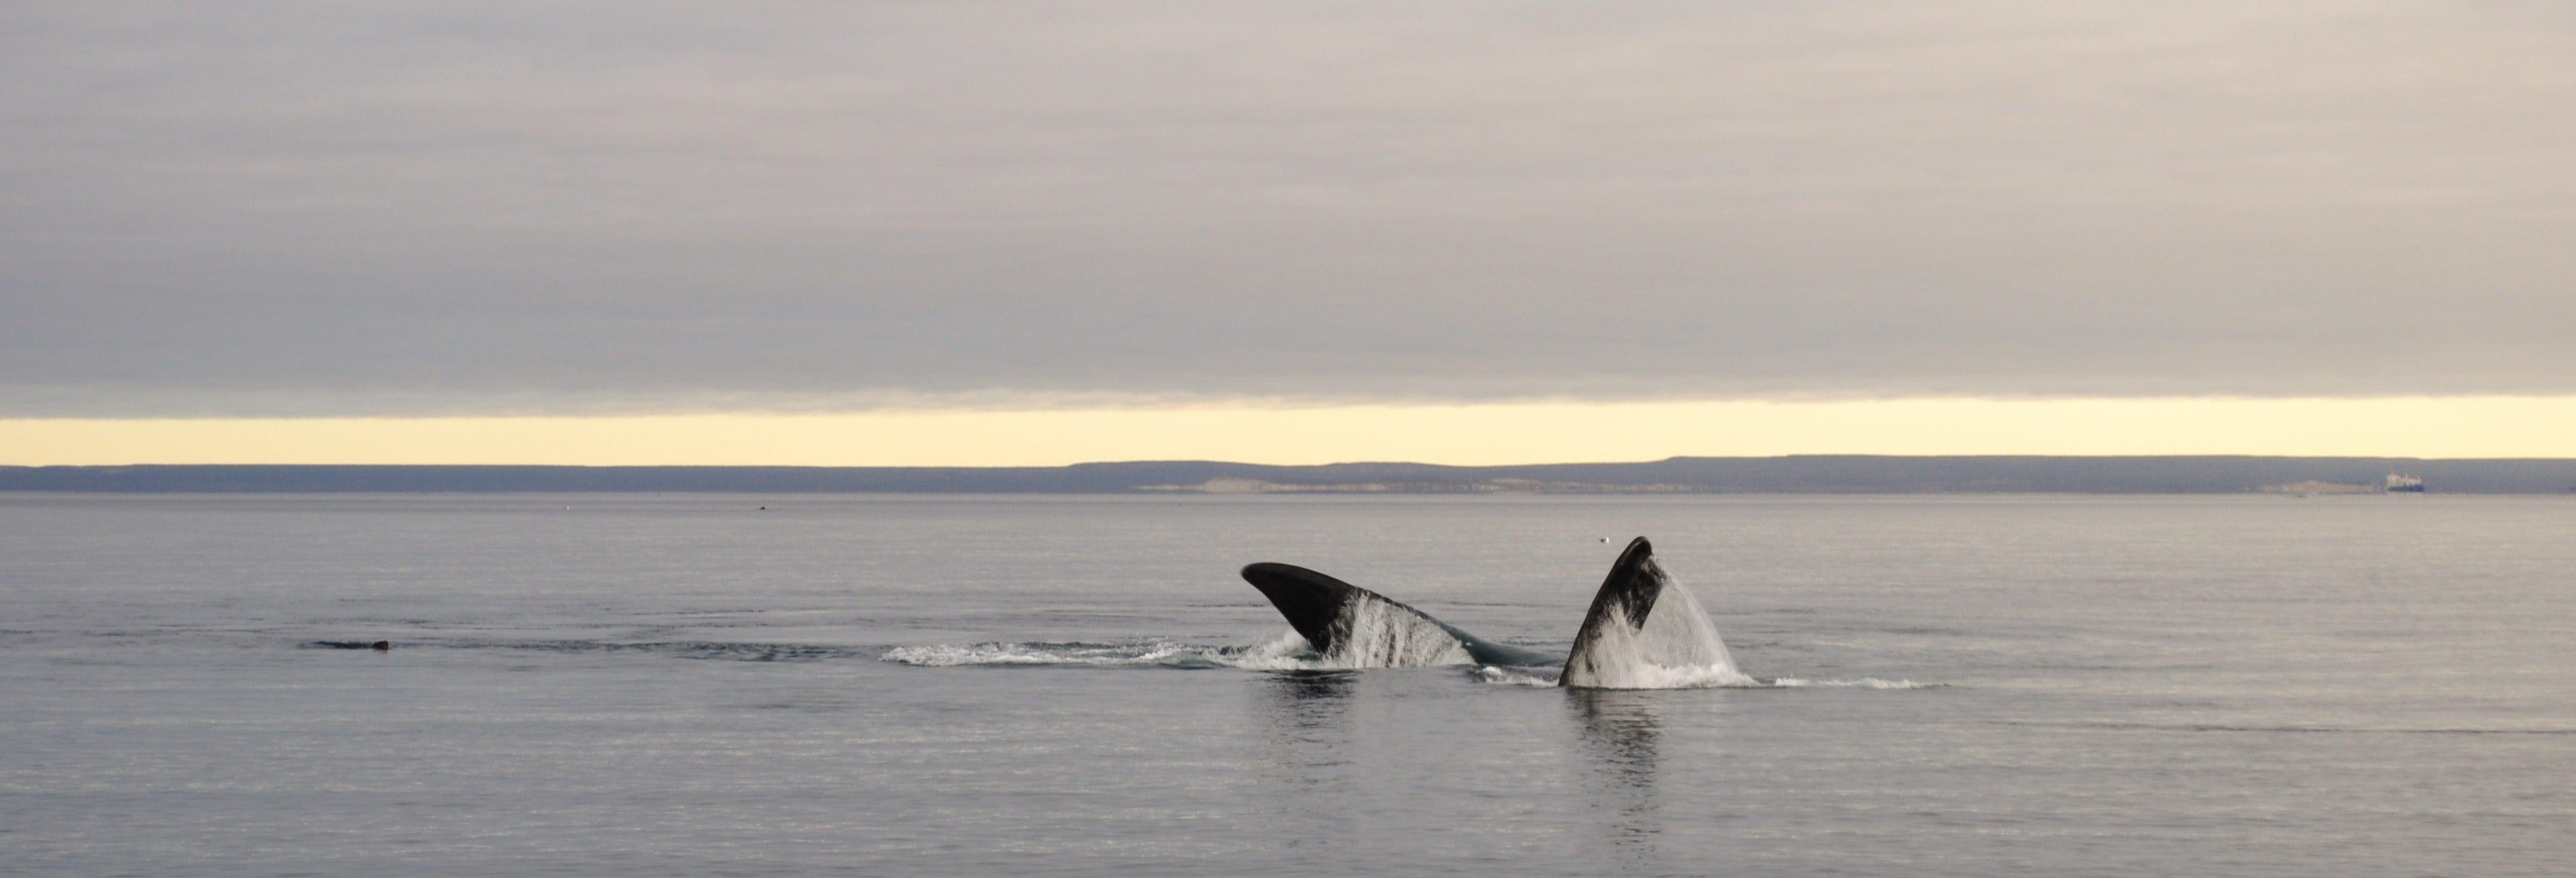 Avistamento de baleias em El Doradillo